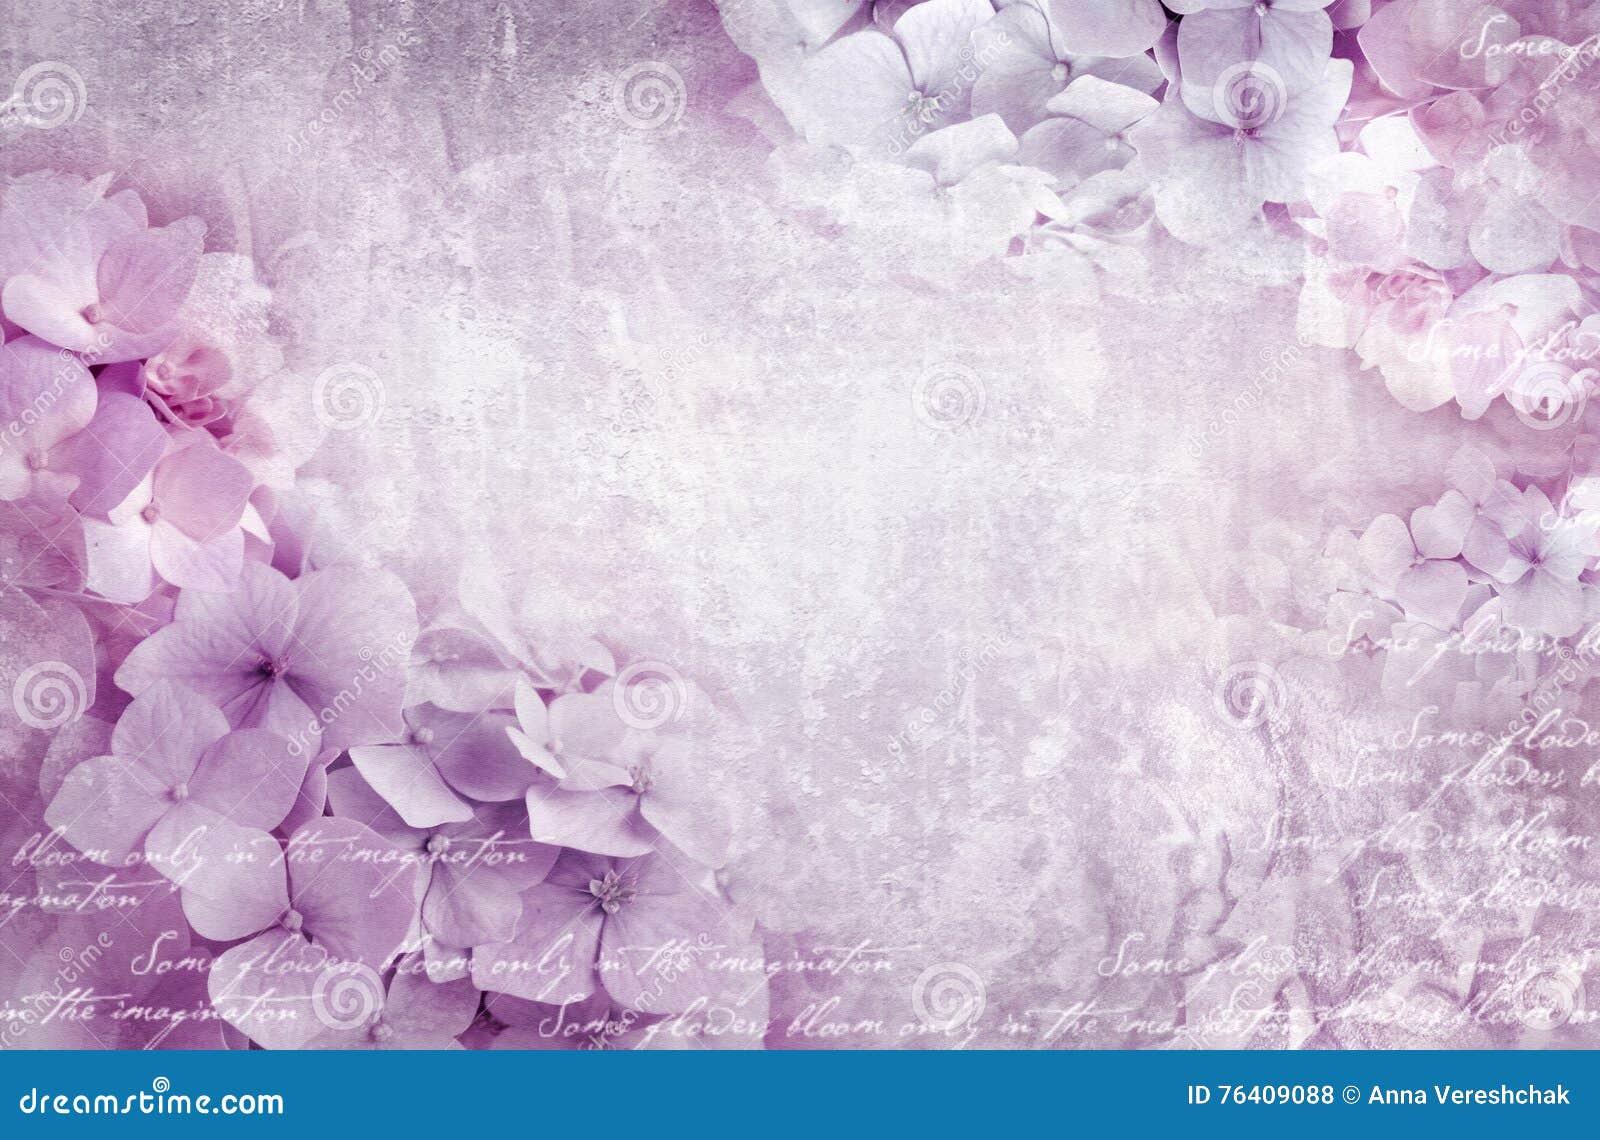 Hydrangea hortensia bloemenprentbriefkaar Kan als groetkaart, uitnodiging voor huwelijk, verjaardag en andere vakantie het gebeur